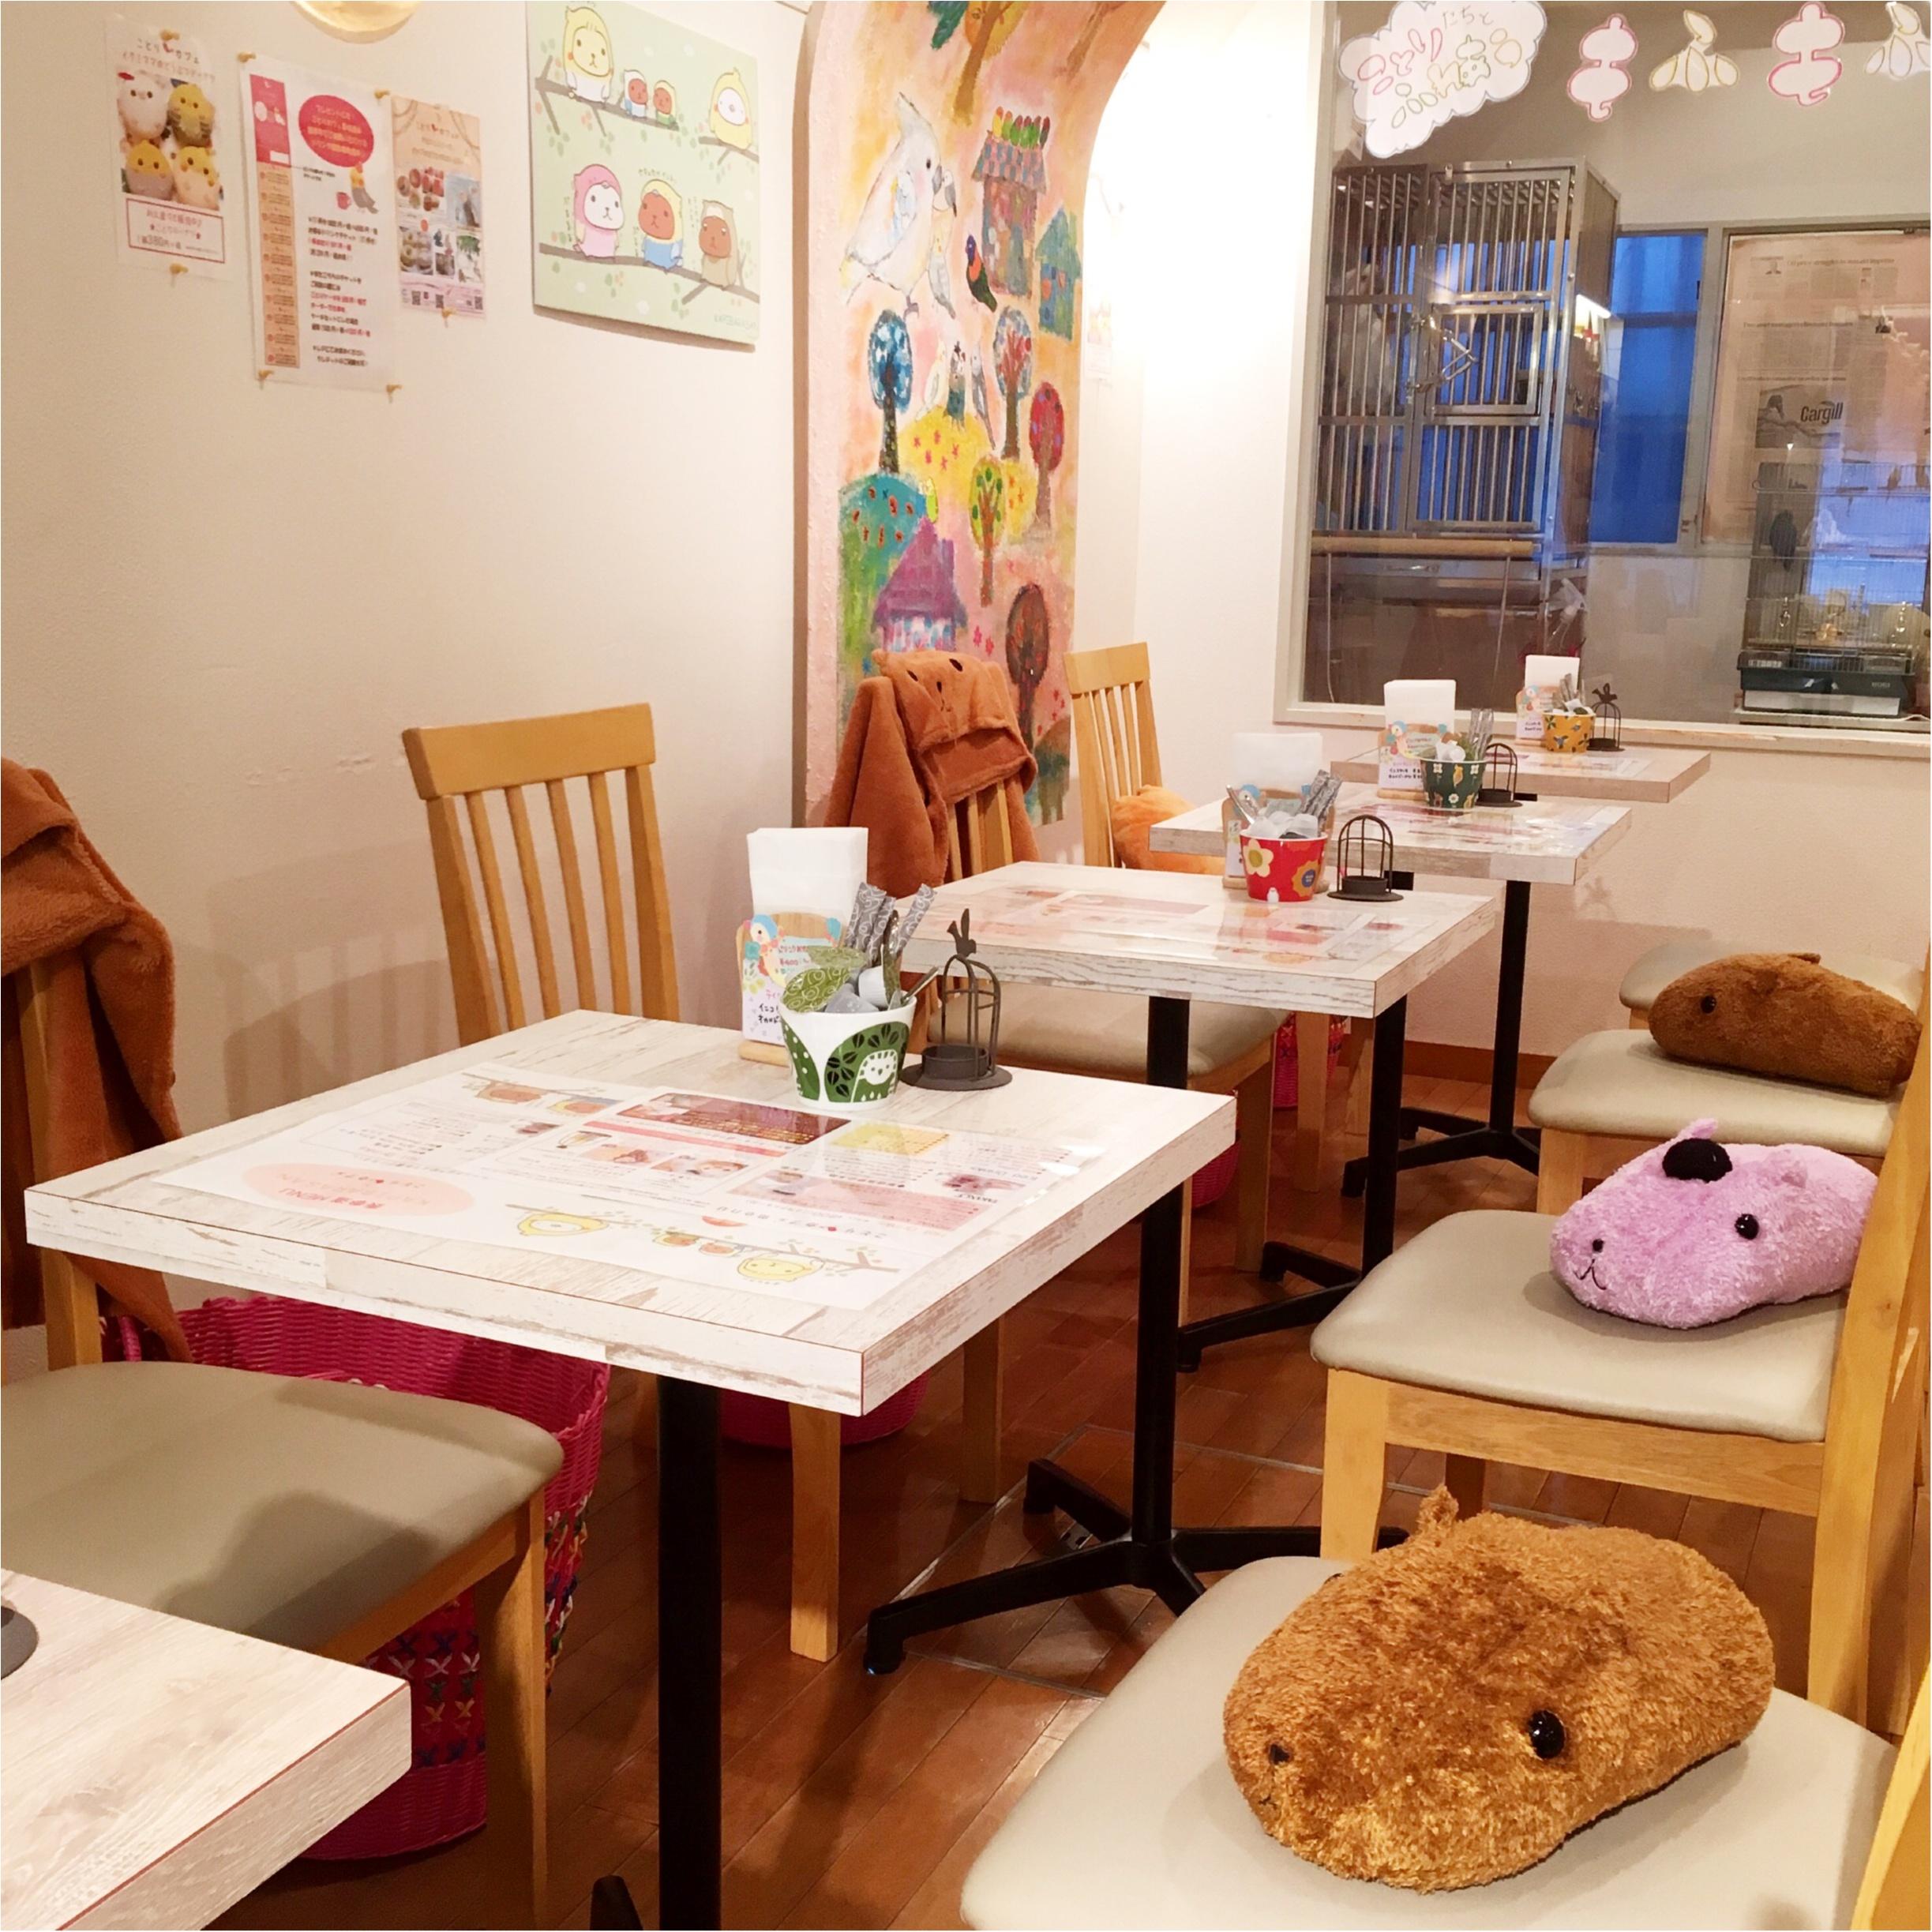 『カピバラさん×ことりカフェ』コラボ♡ことりカフェ表参道店でカピバラさんケーキを食べてきました(﹡´◡`﹡ )_4